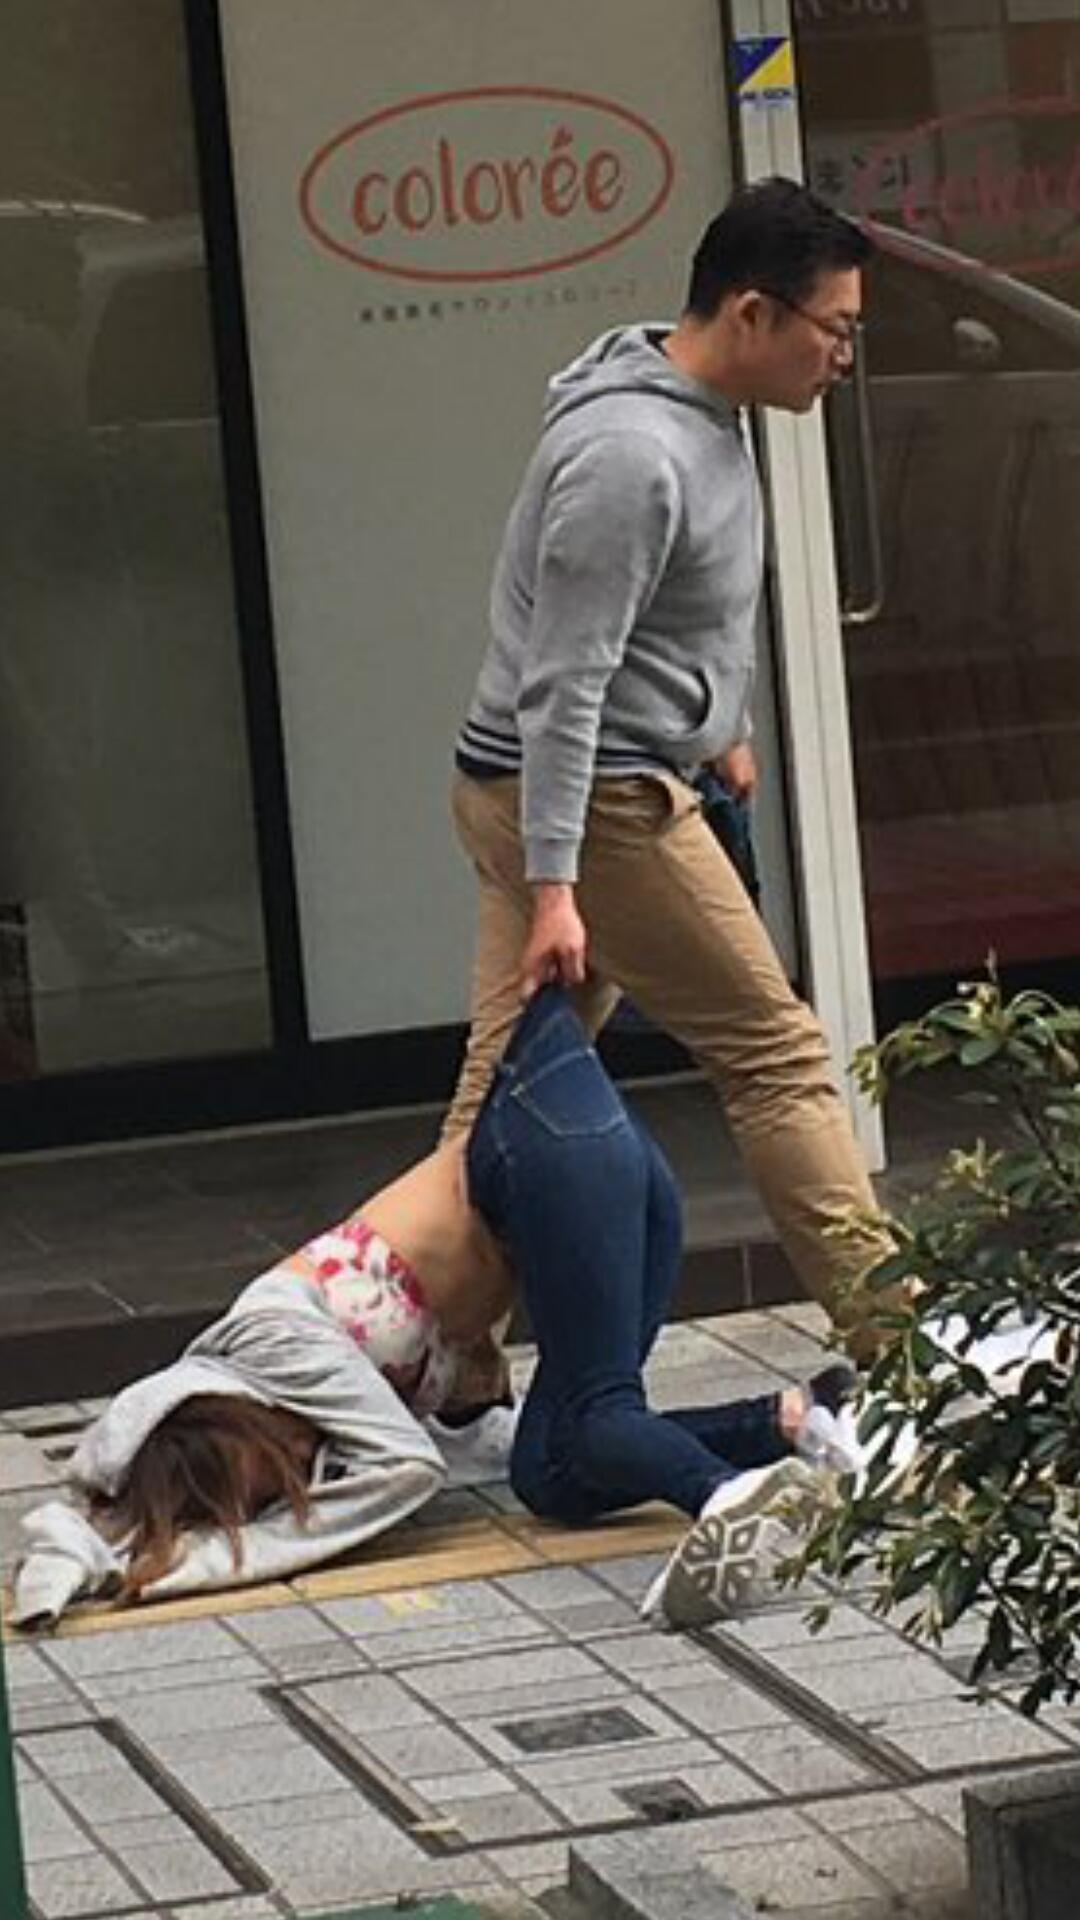 【画像】駅前で女性をボコボコにし、引きづる男が撮影される